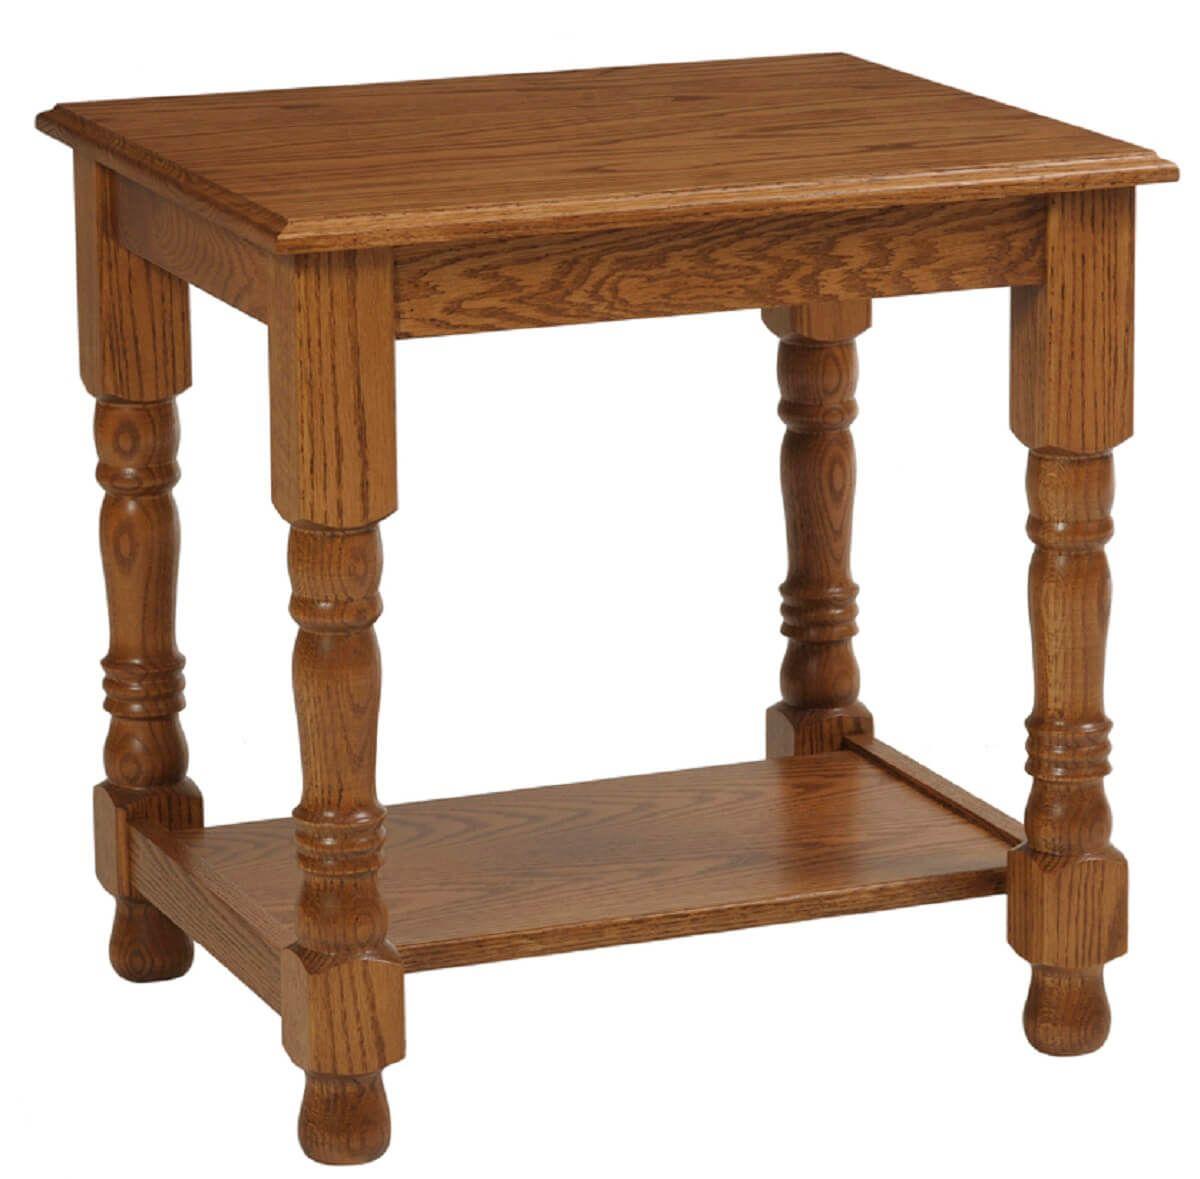 Shepherdstown End Table